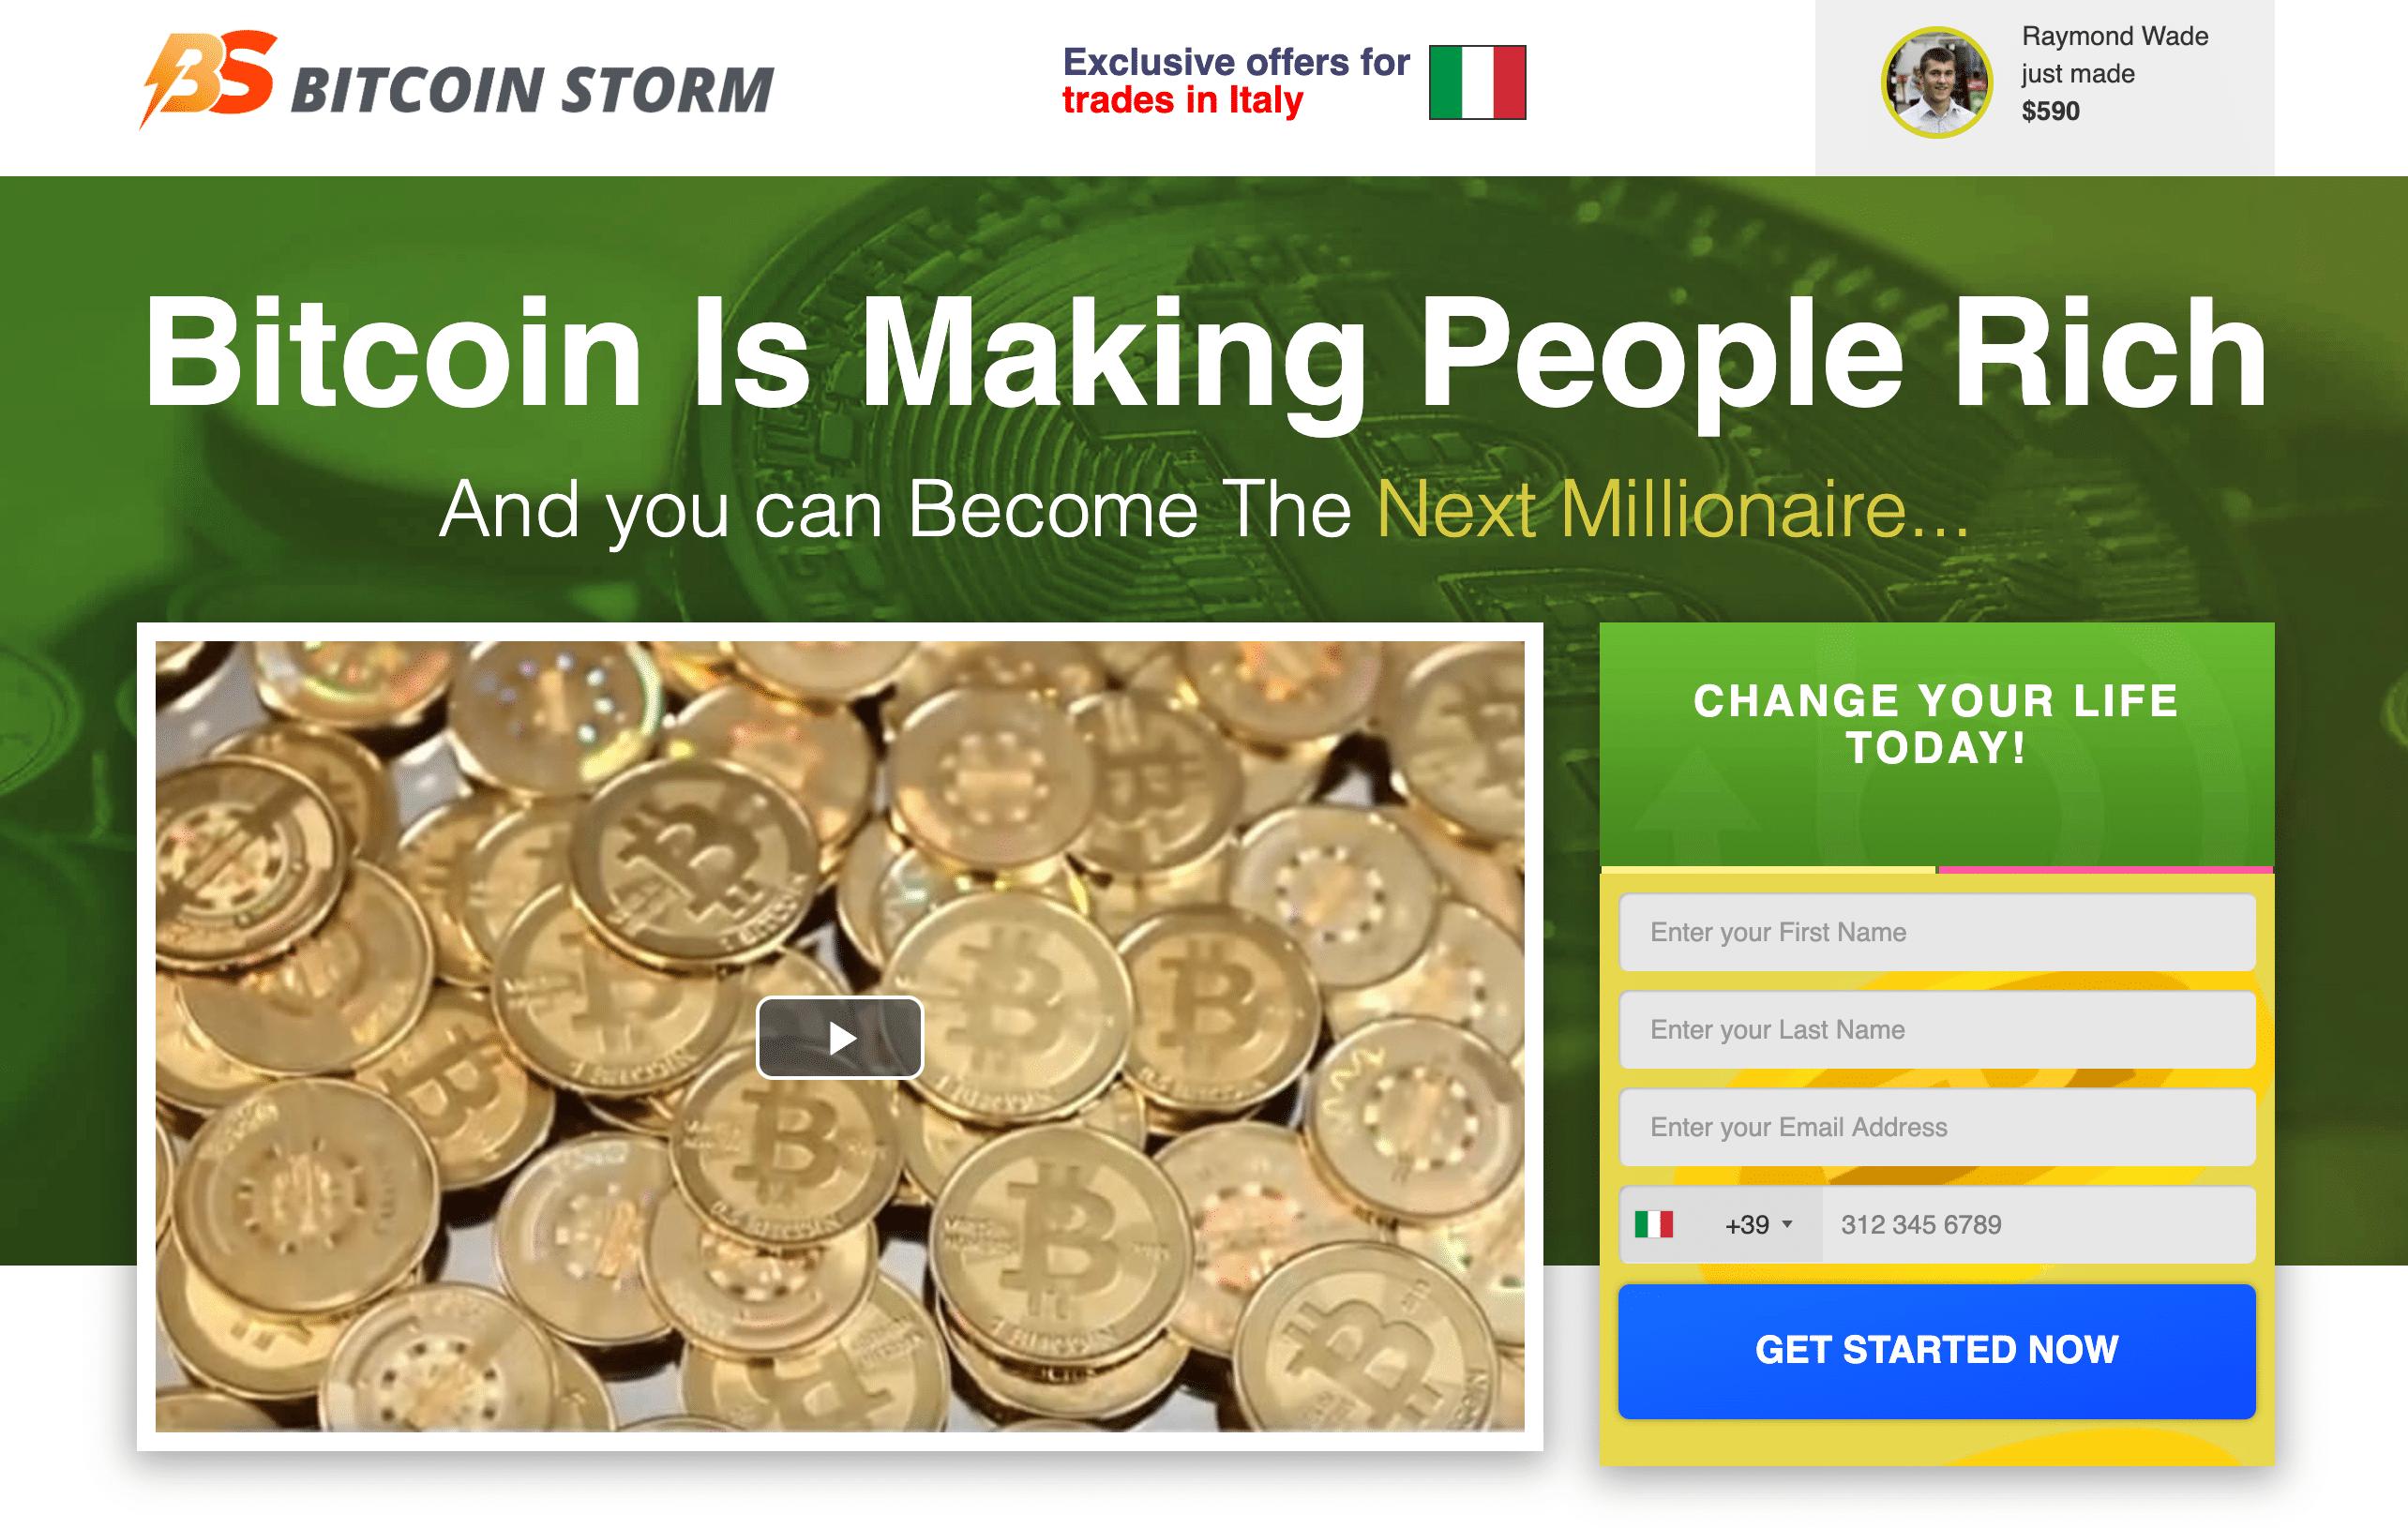 Bitcoin Truffa o investimento: testimonianze ed esperienze negative [2021]